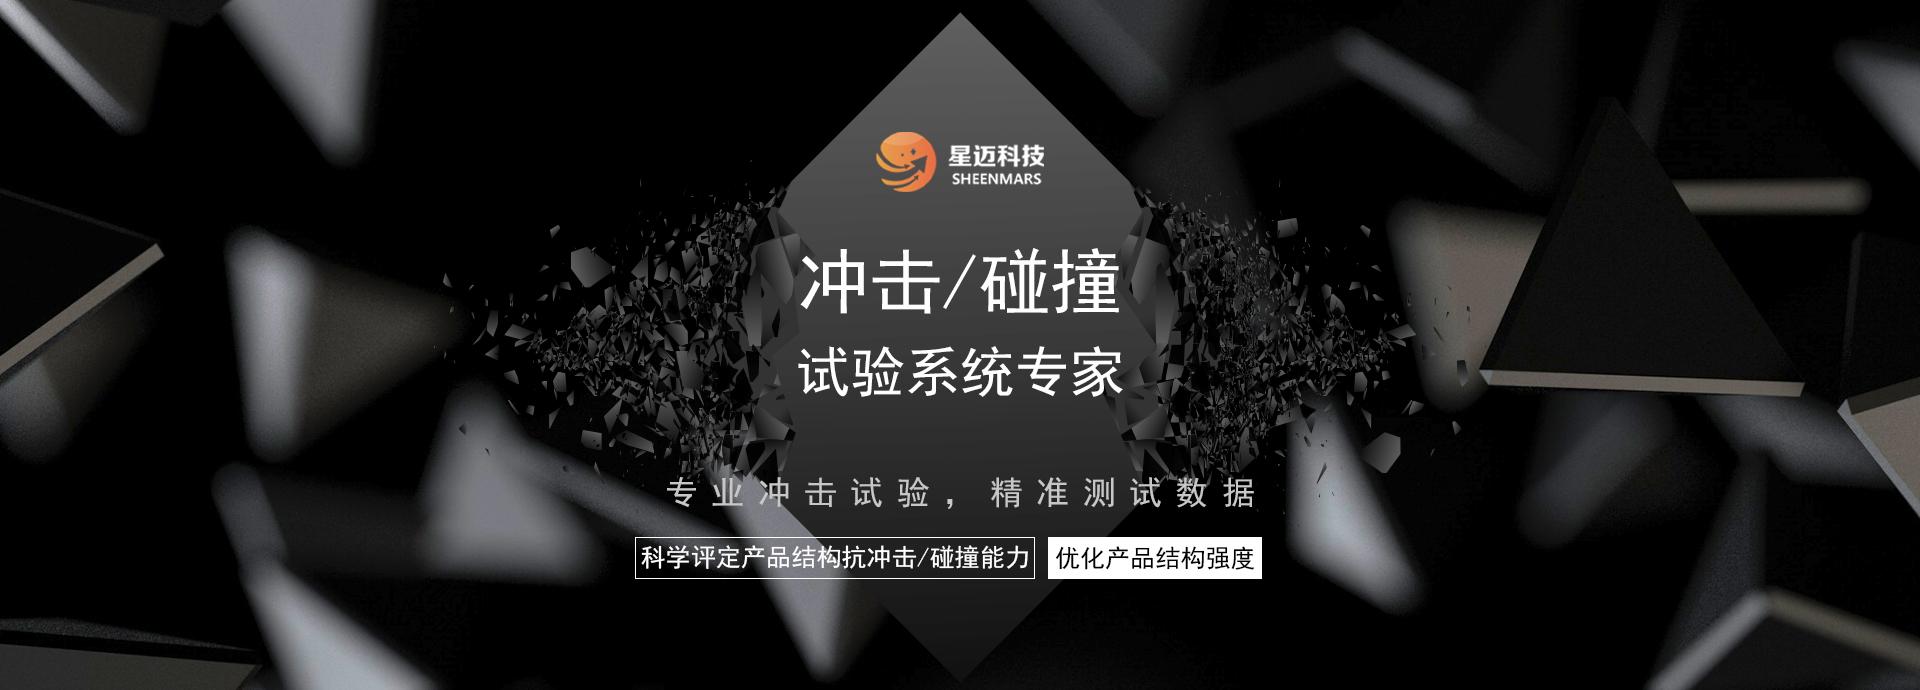 压力传感器沈阳星迈科技有限公司